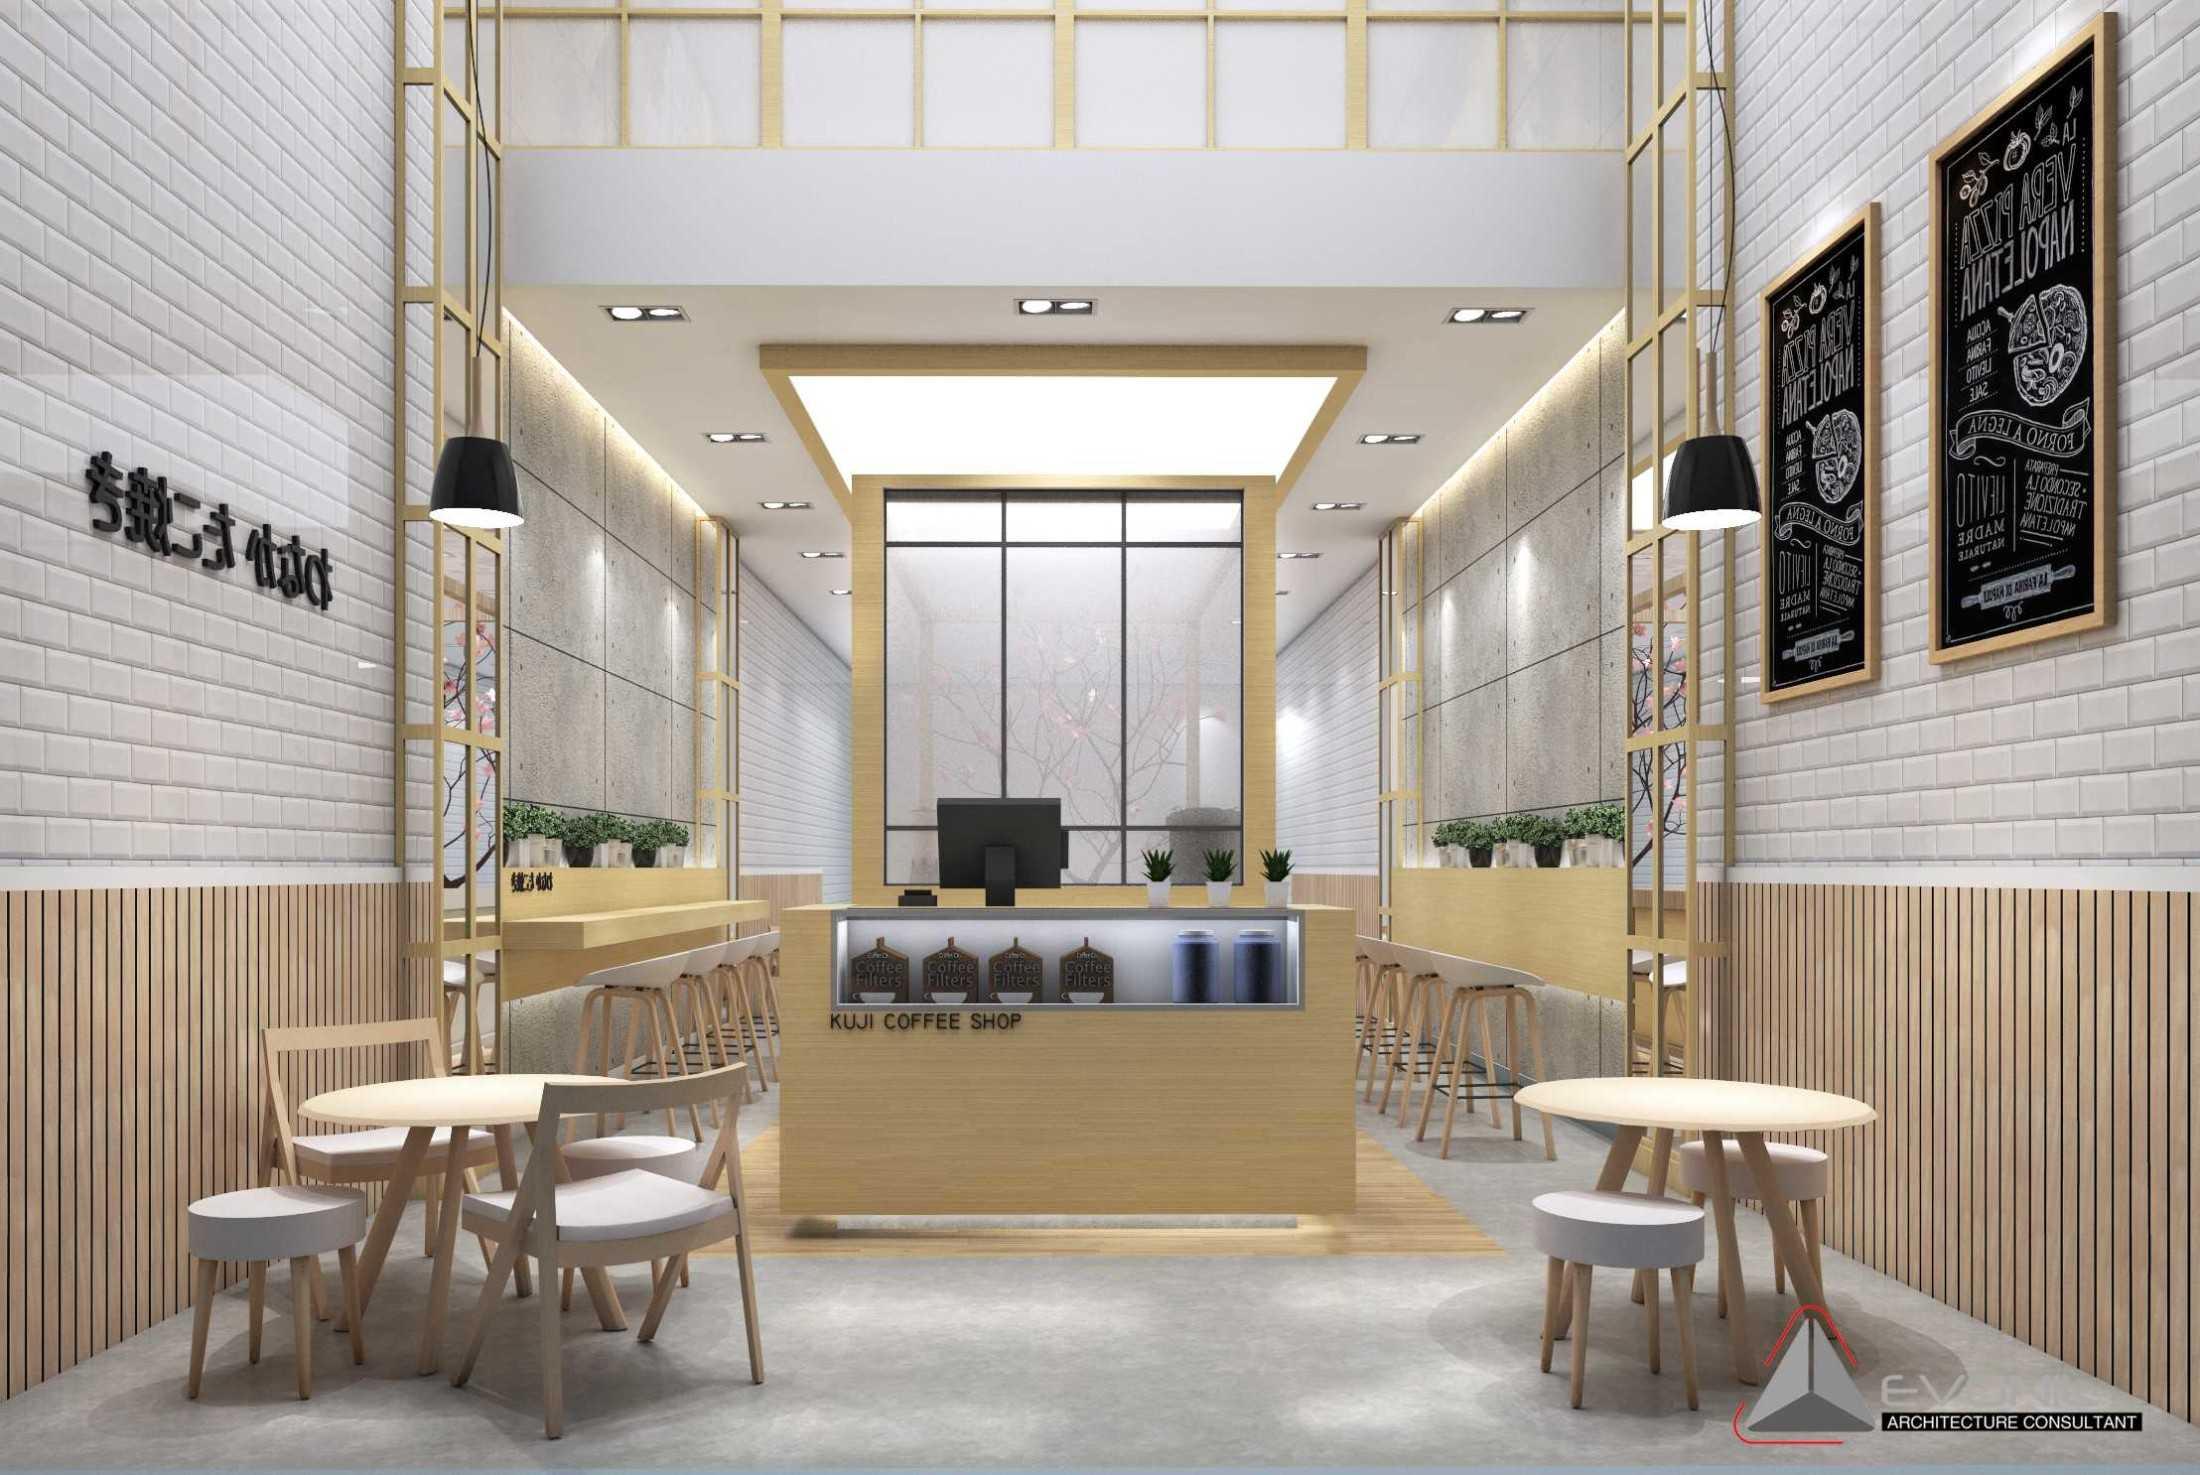 Evonil Architecture Coffee Shop - Pantai Indah Kapuk Jakarta, Daerah Khusus Ibukota Jakarta, Indonesia Jakarta, Daerah Khusus Ibukota Jakarta, Indonesia Evonil-Architecture-Coffee-Shop-Pantai-Indah-Kapuk  77974